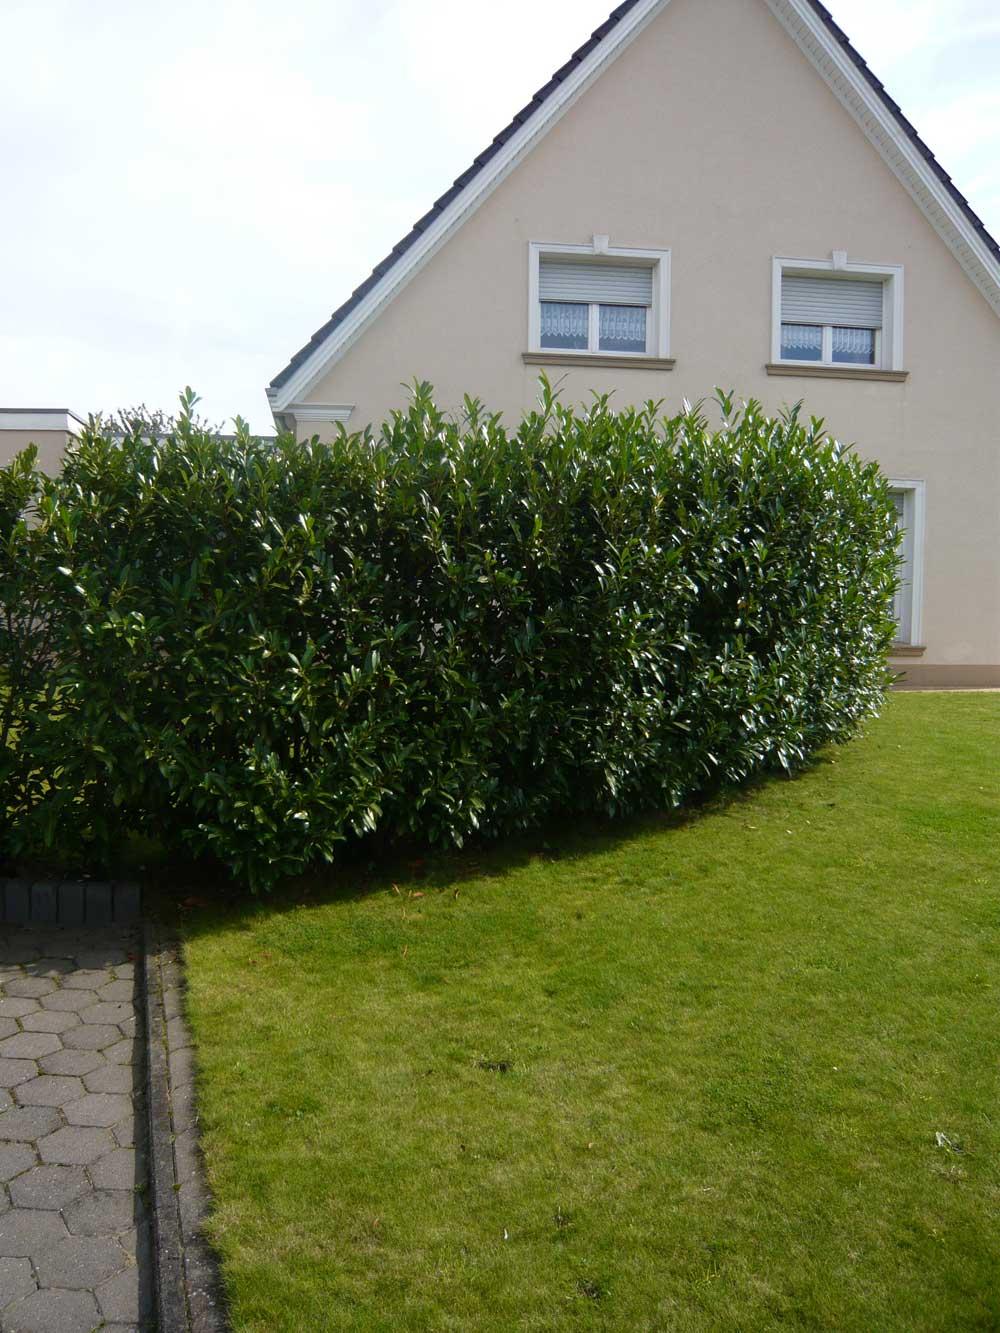 kirschlorbeer 39 caucasica 39 kirschlorbeer prunus immergr ne heckenpflanzen heckenpflanzen. Black Bedroom Furniture Sets. Home Design Ideas